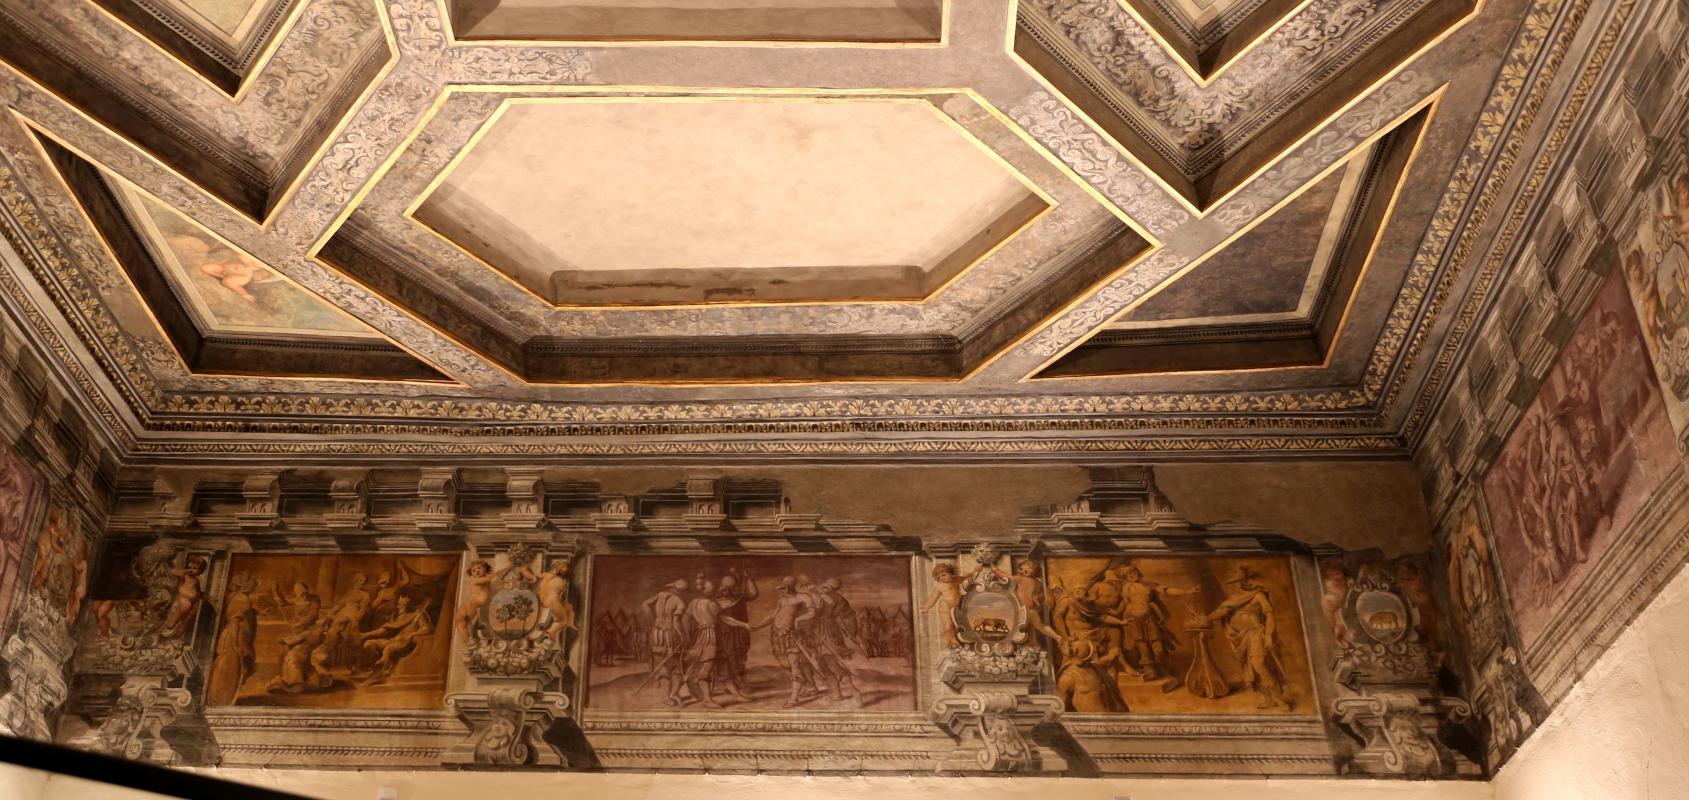 Gualtieri, palazzo bentivoglio, sala di icaro, fregio con storie di roma da tito livio, 1600-05 circa, 01 - Sailko - Gualtieri (RE)